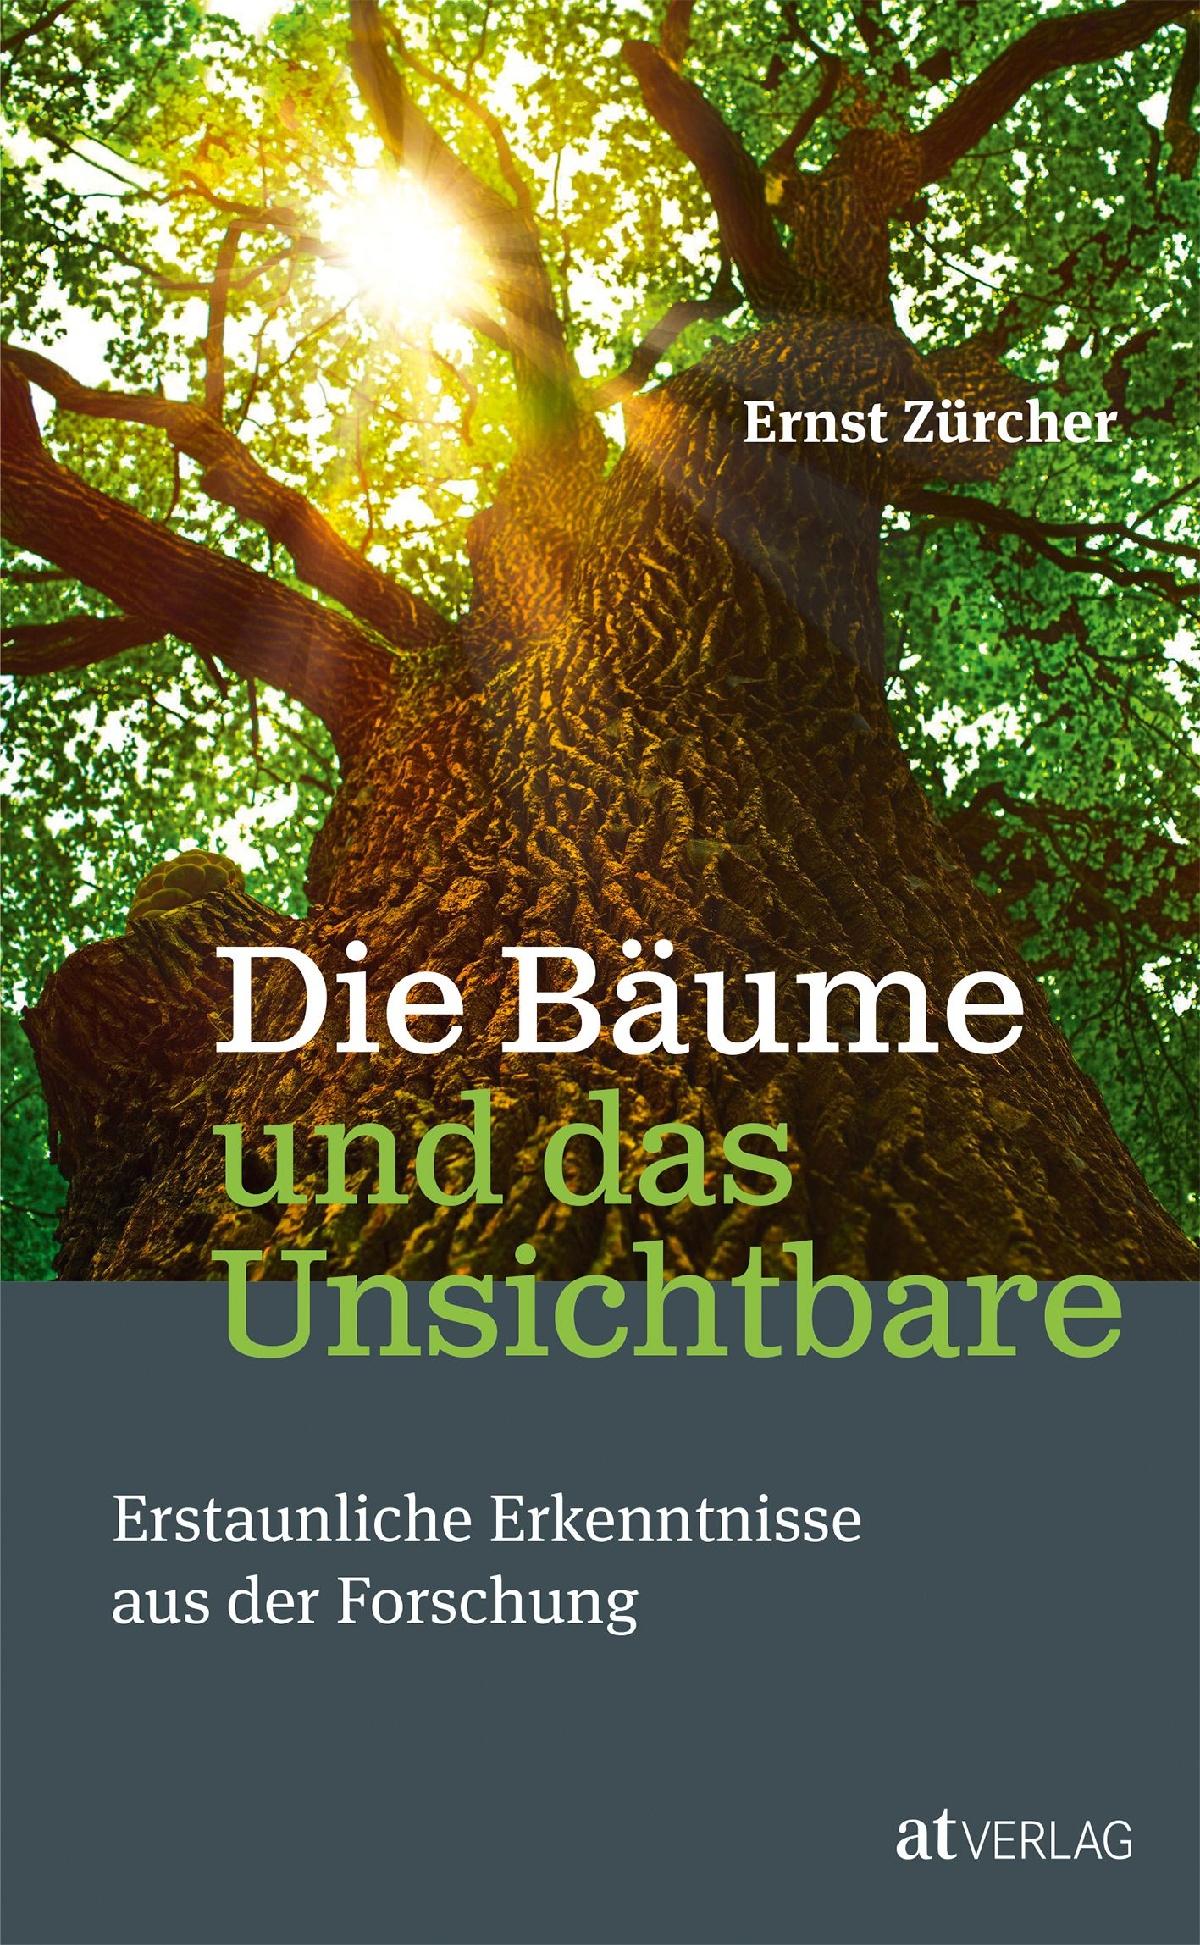 Die Bäume und das Unsichtbare